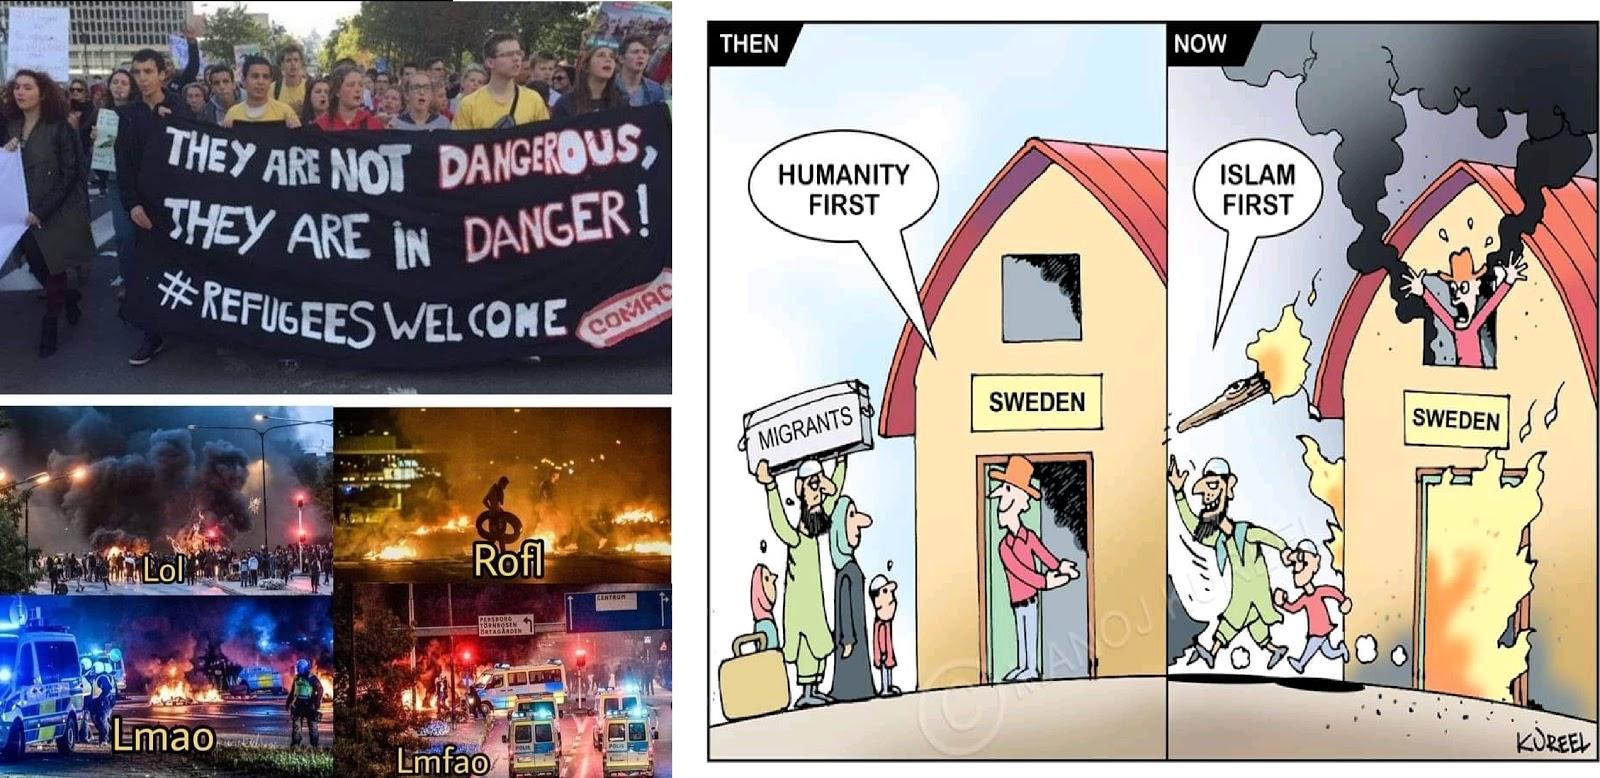 తగలబడుతున్న స్వీడన్ దేశం, శాంతి కామకుల చేతిలో సర్వం కోల్పోతున్న స్వీడన్ దేశస్థులు - Sweden Burning , Swedes losing everything at the hands of peace activists